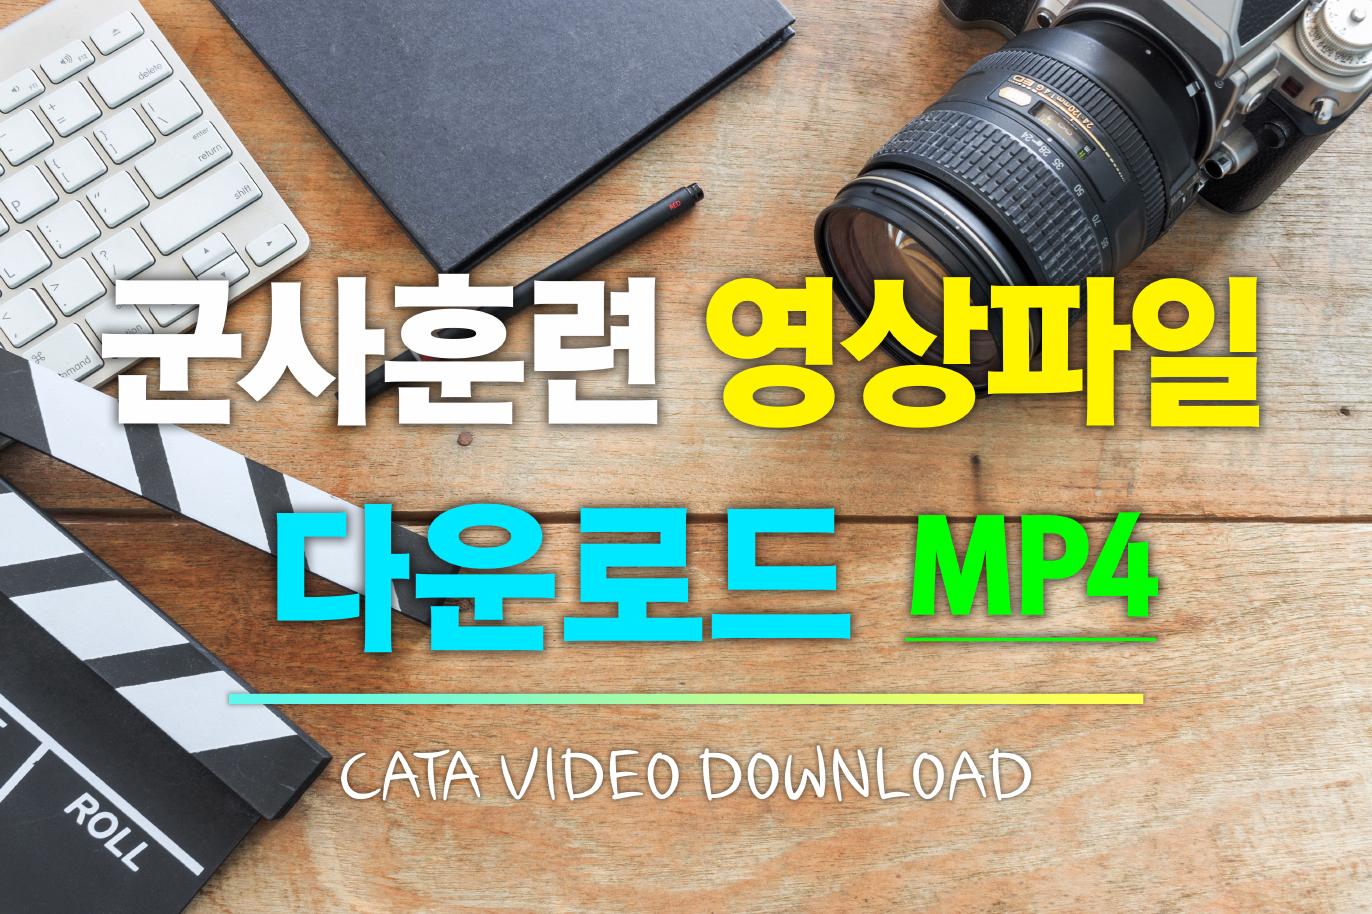 군사훈련 영상파일 다운로드